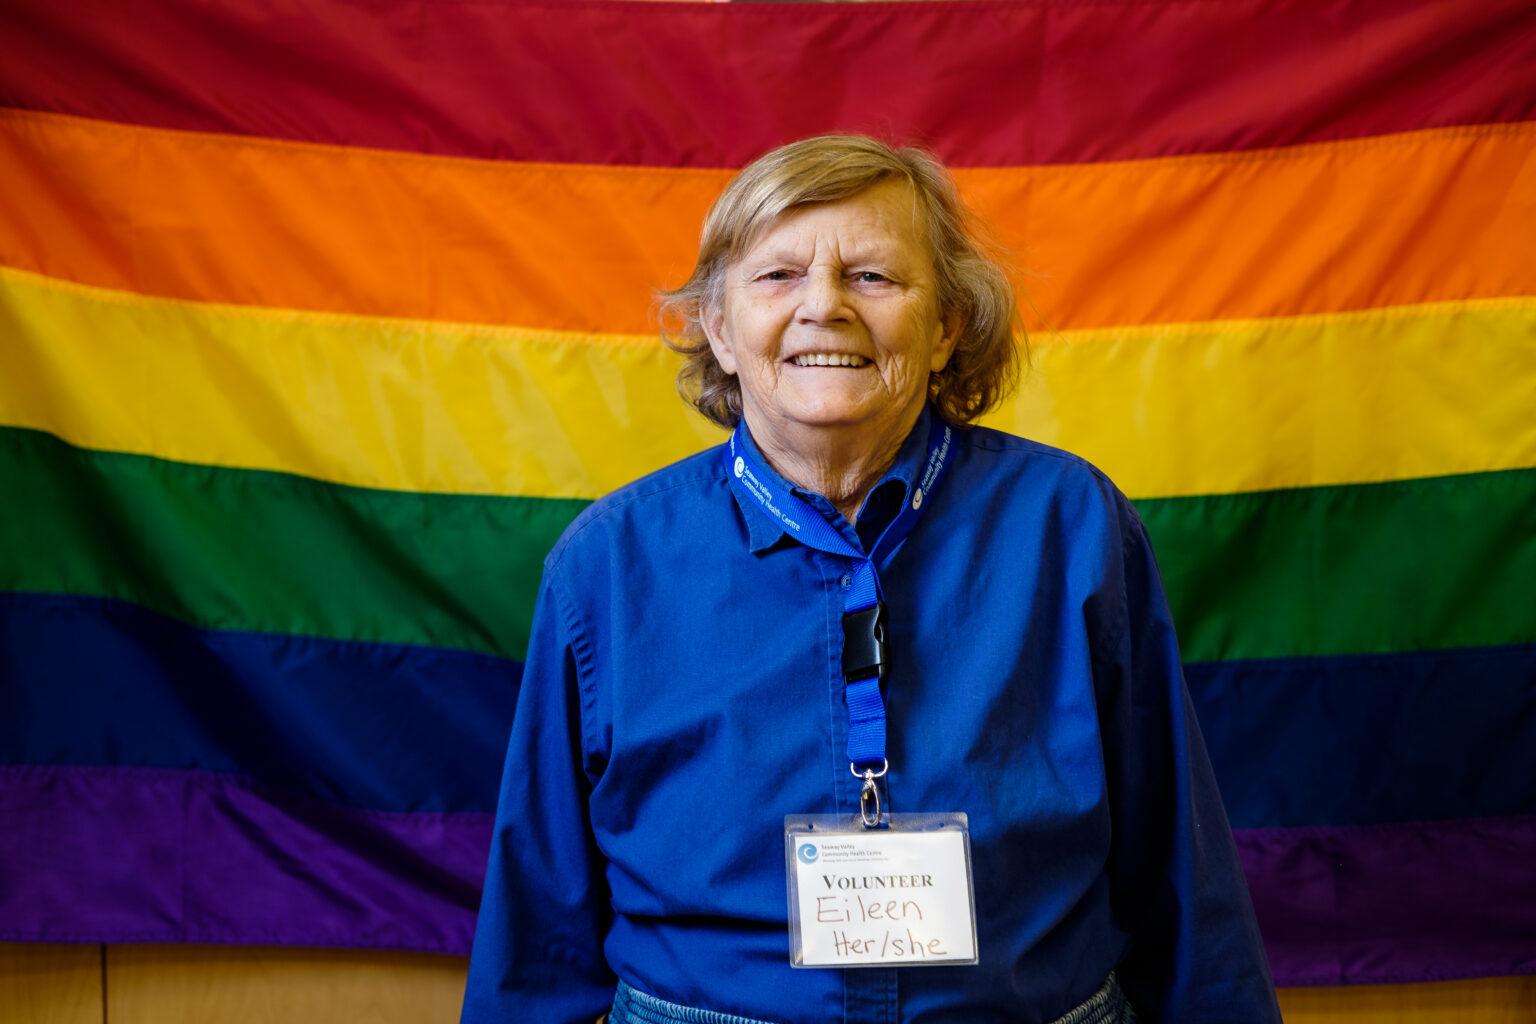 Eileen Ledrew (volunteer)